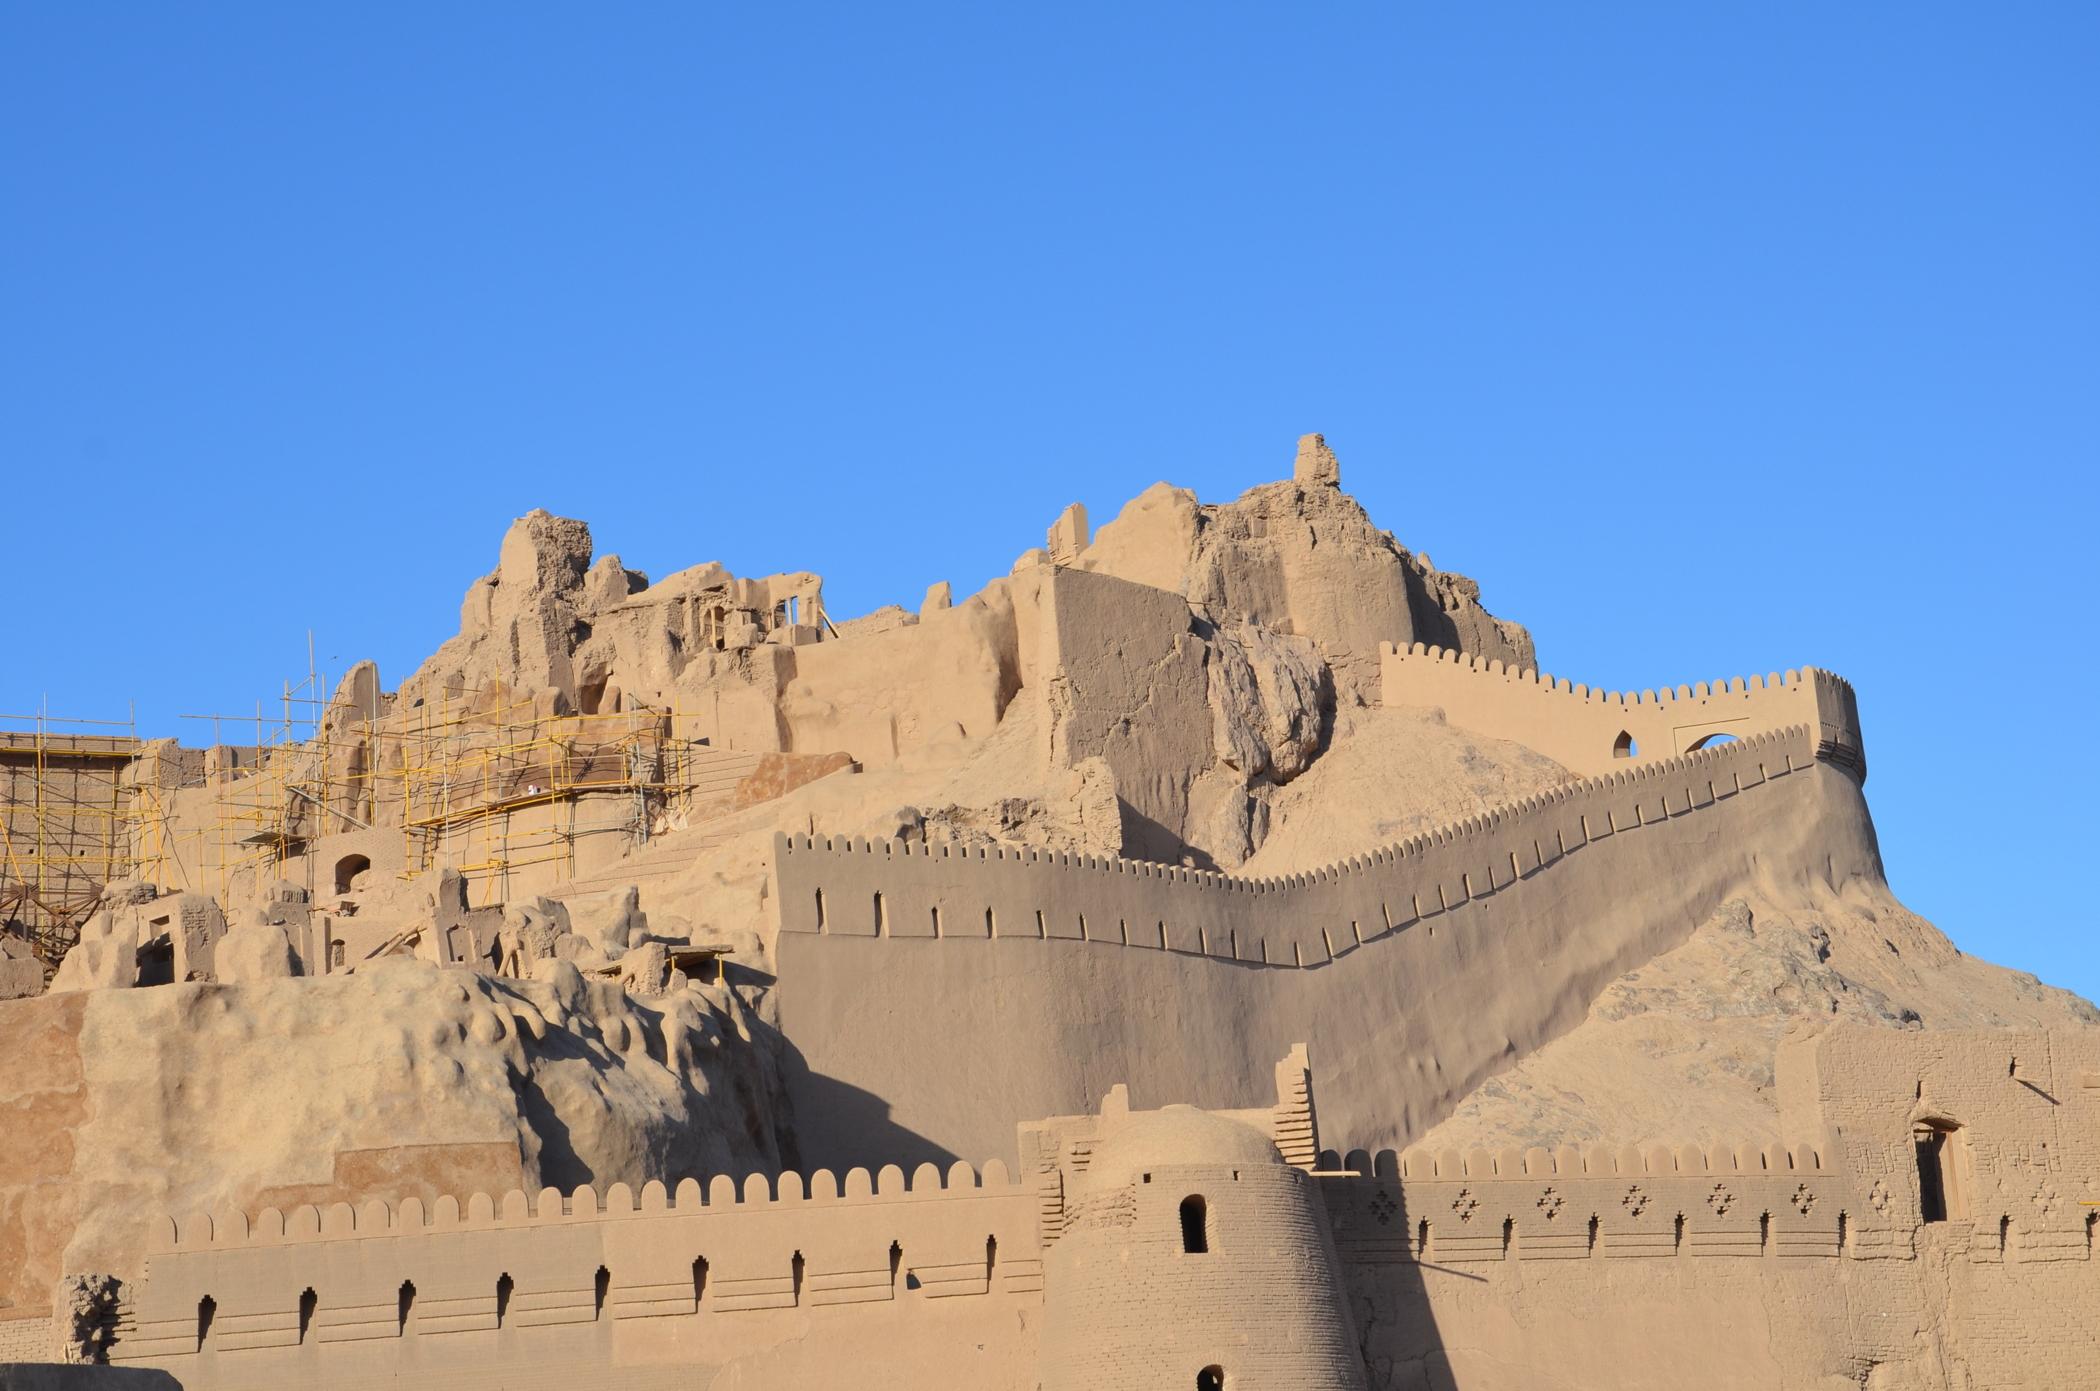 Die Zitadelle von Bam im Iran ist einer der Unesco Welterbestätten